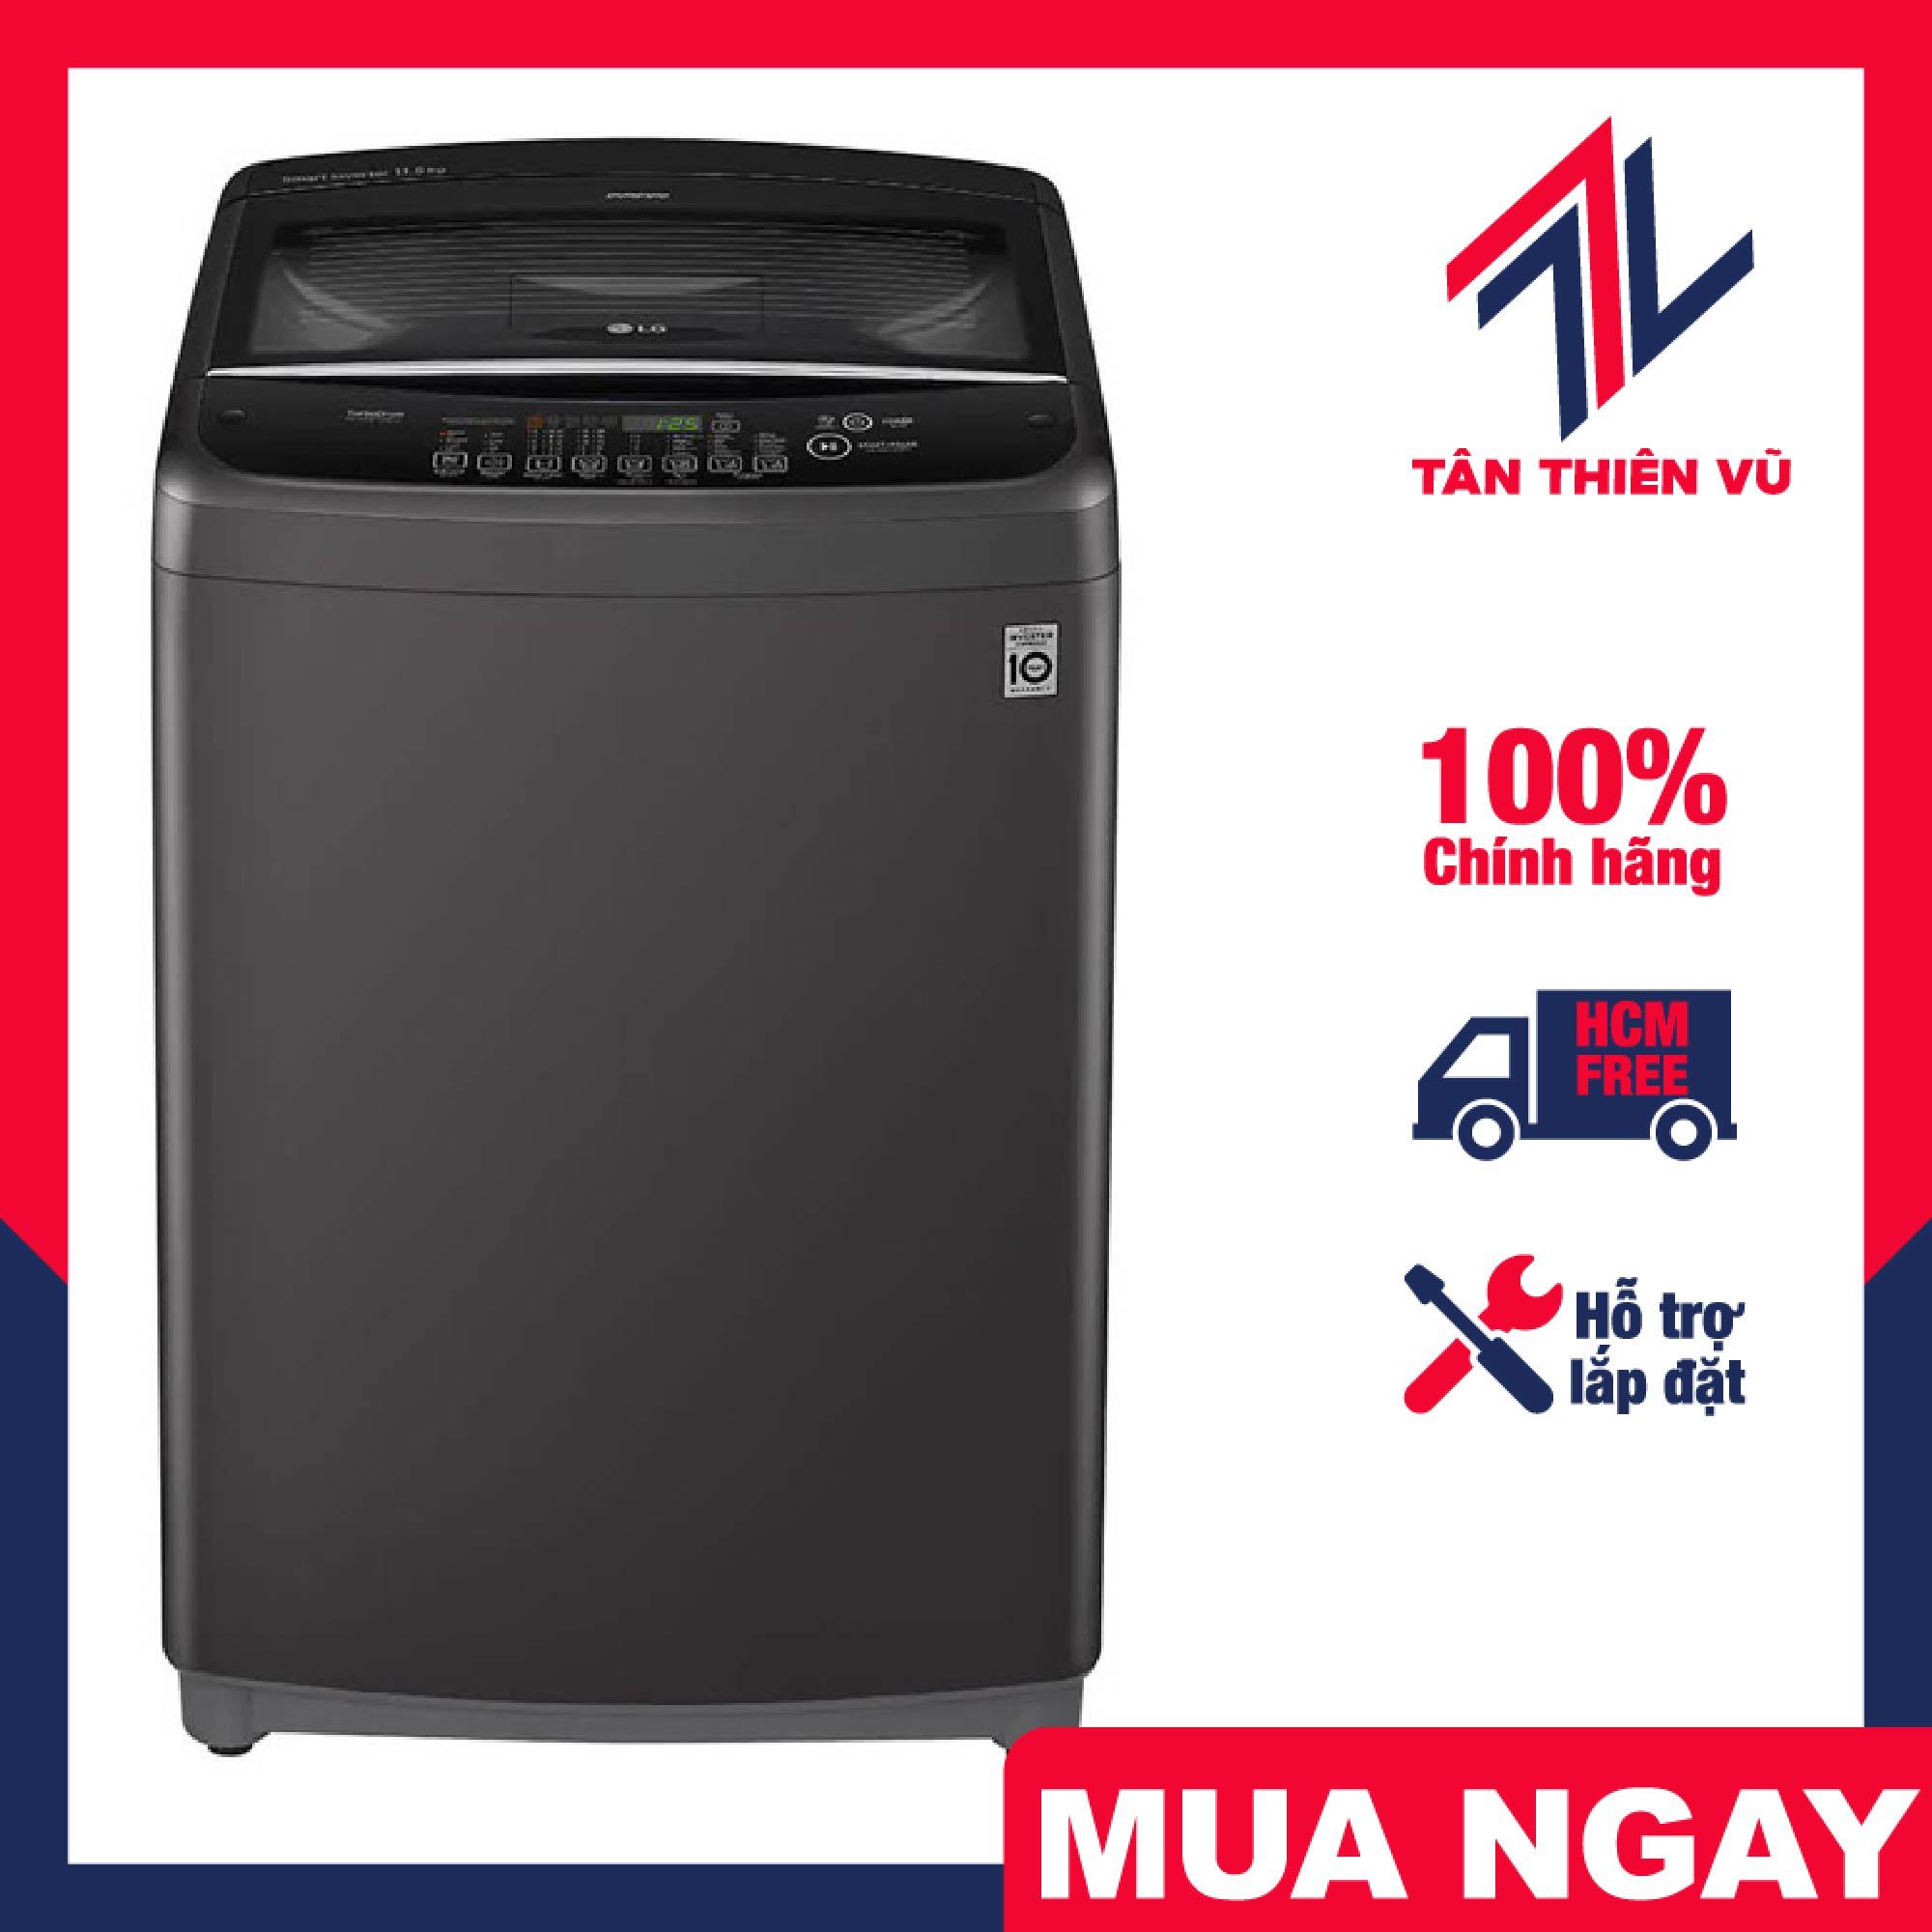 [Trả góp 0%]Máy giặt LG Inverter 11.5kg T2351VSAB - Chỉ giao HCM